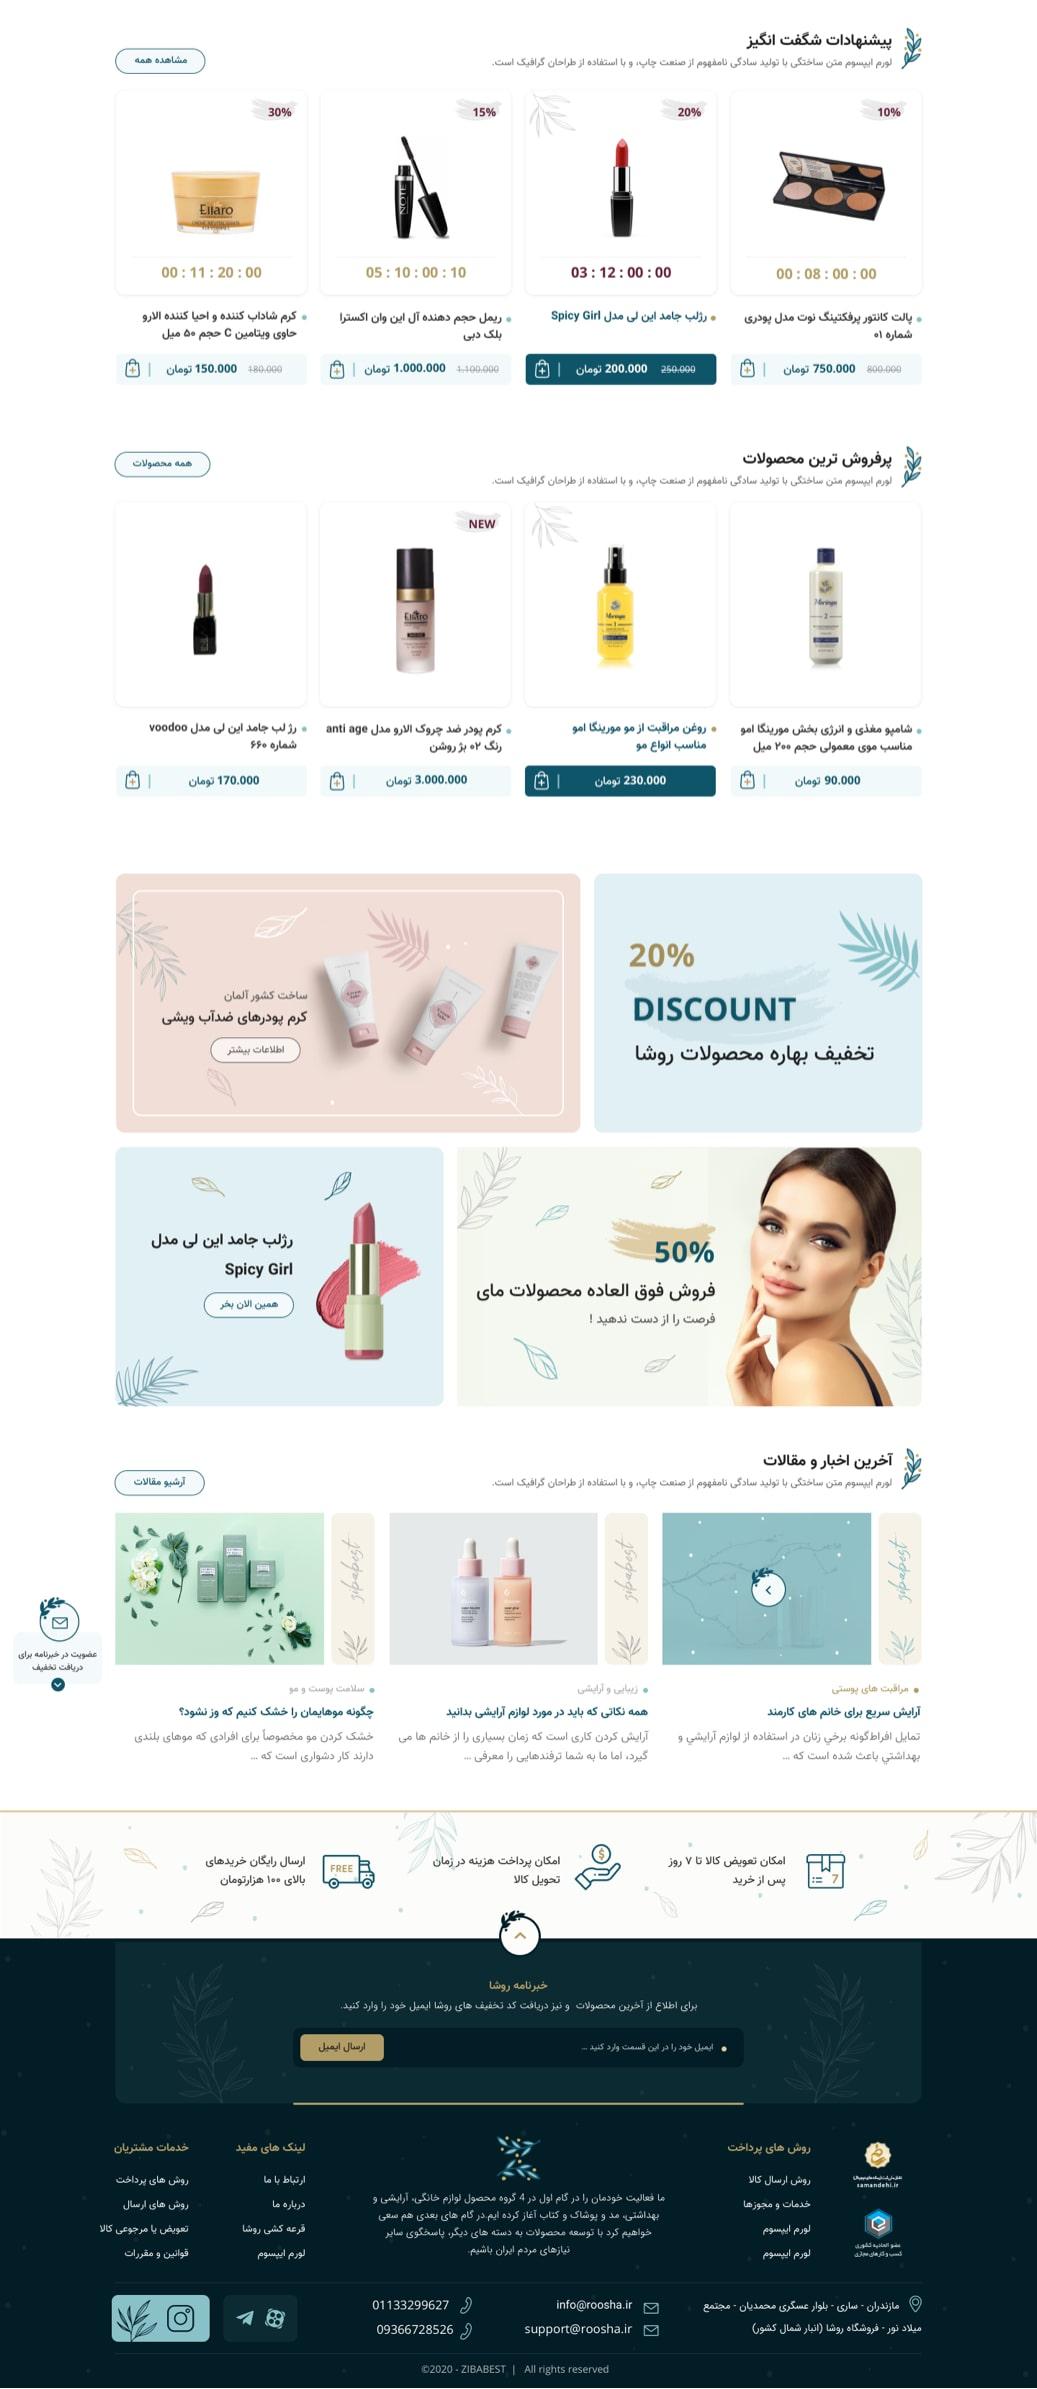 سایت زیبابست    طراحی شده توسط آژانس خلاقیت وبسیما